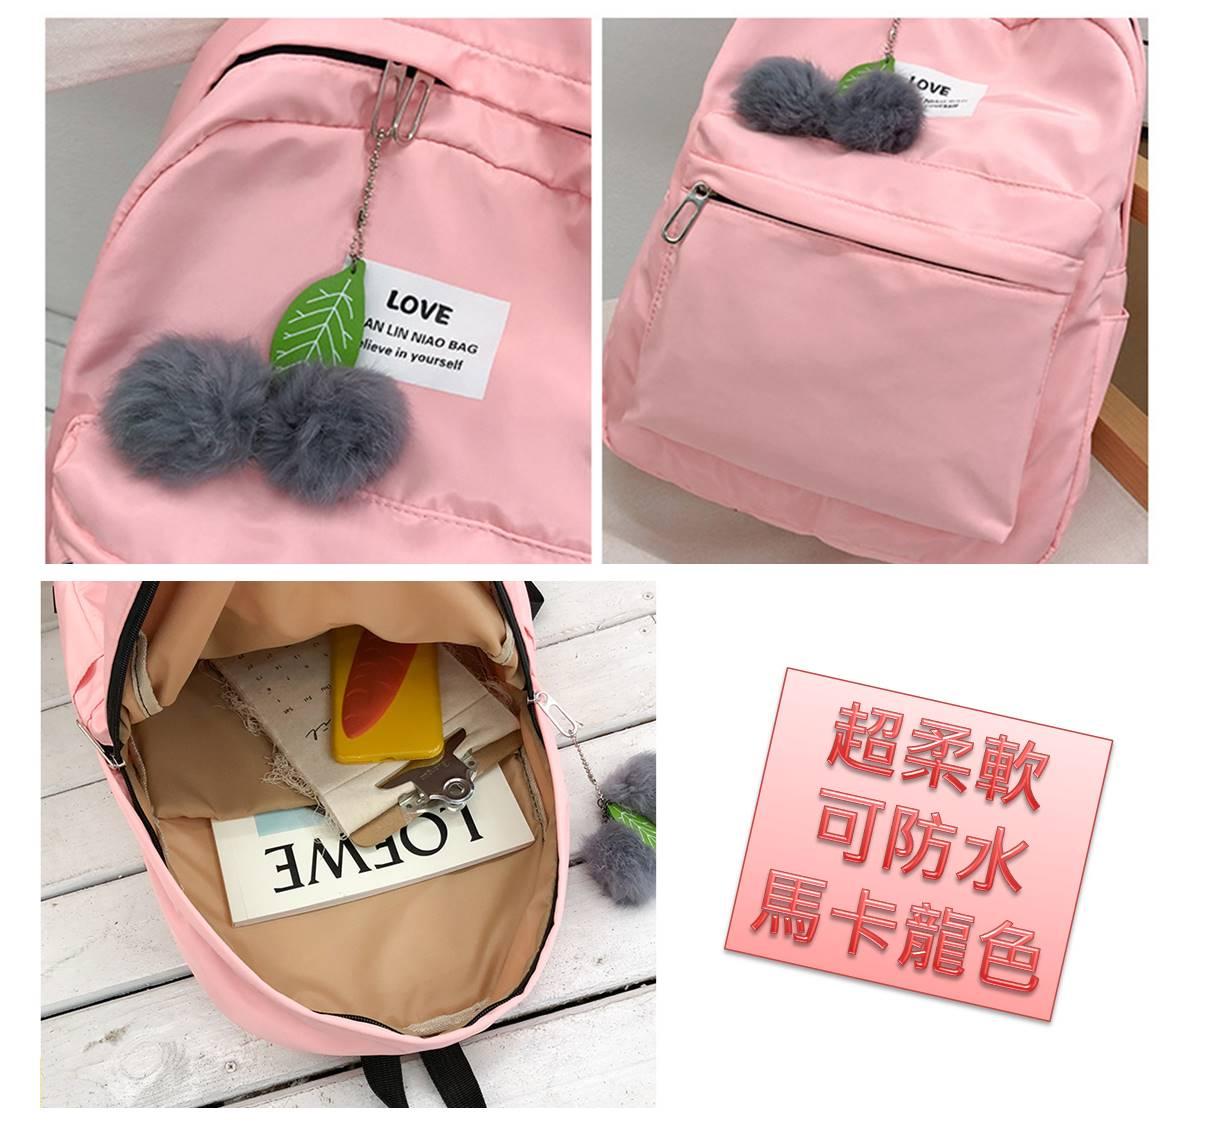 背包 後背包 馬卡龍色  簡約時尚防潑水尼龍雙肩包  休閒旅行包